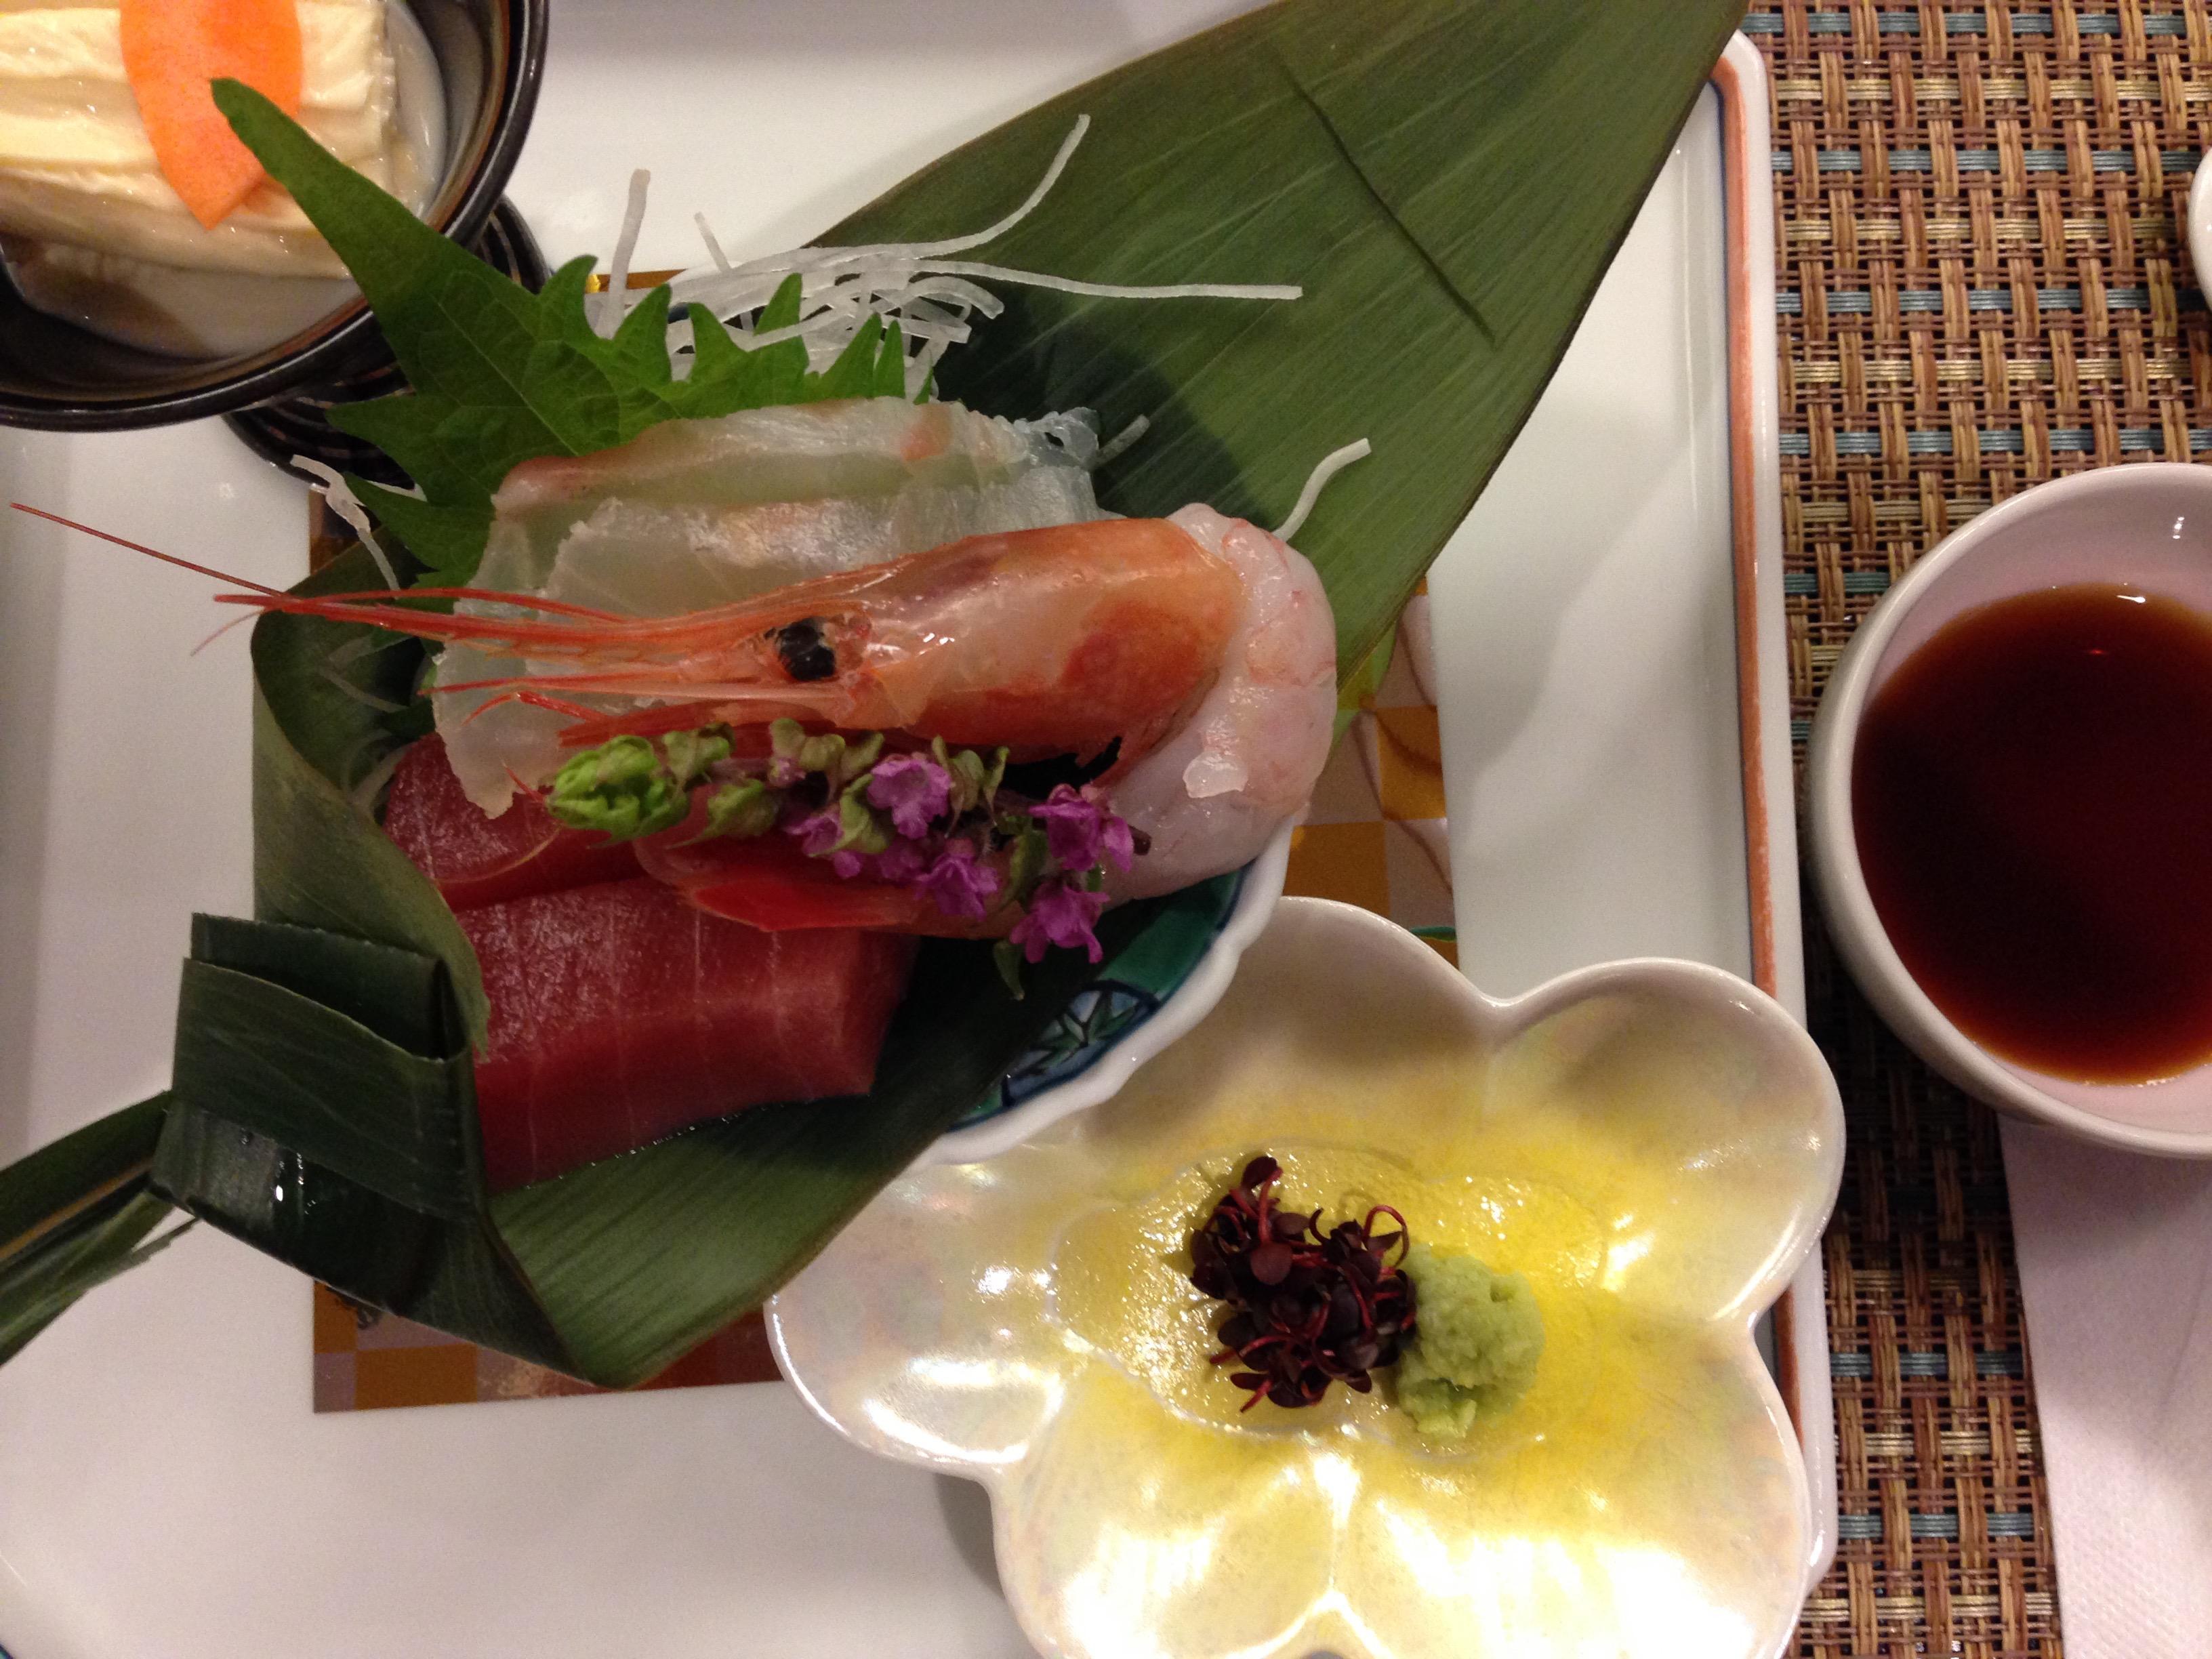 La cena kaiseki al ryokan